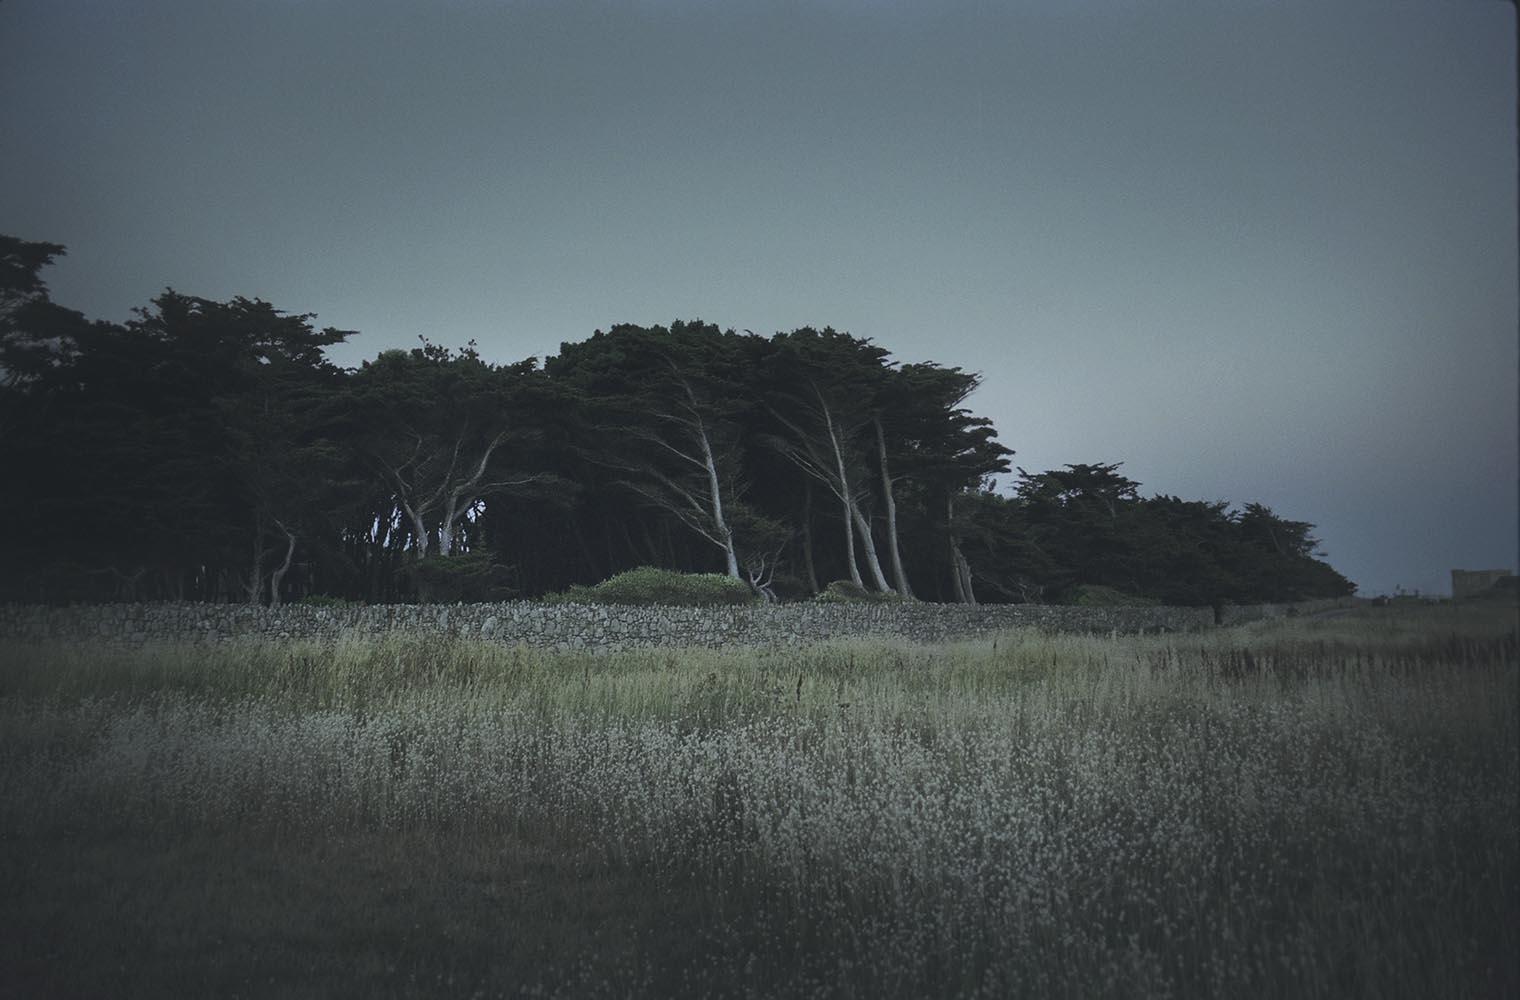 Hodosy Enikő: Bleu, Cote sauvage, 2013 © Hodosy Enikő